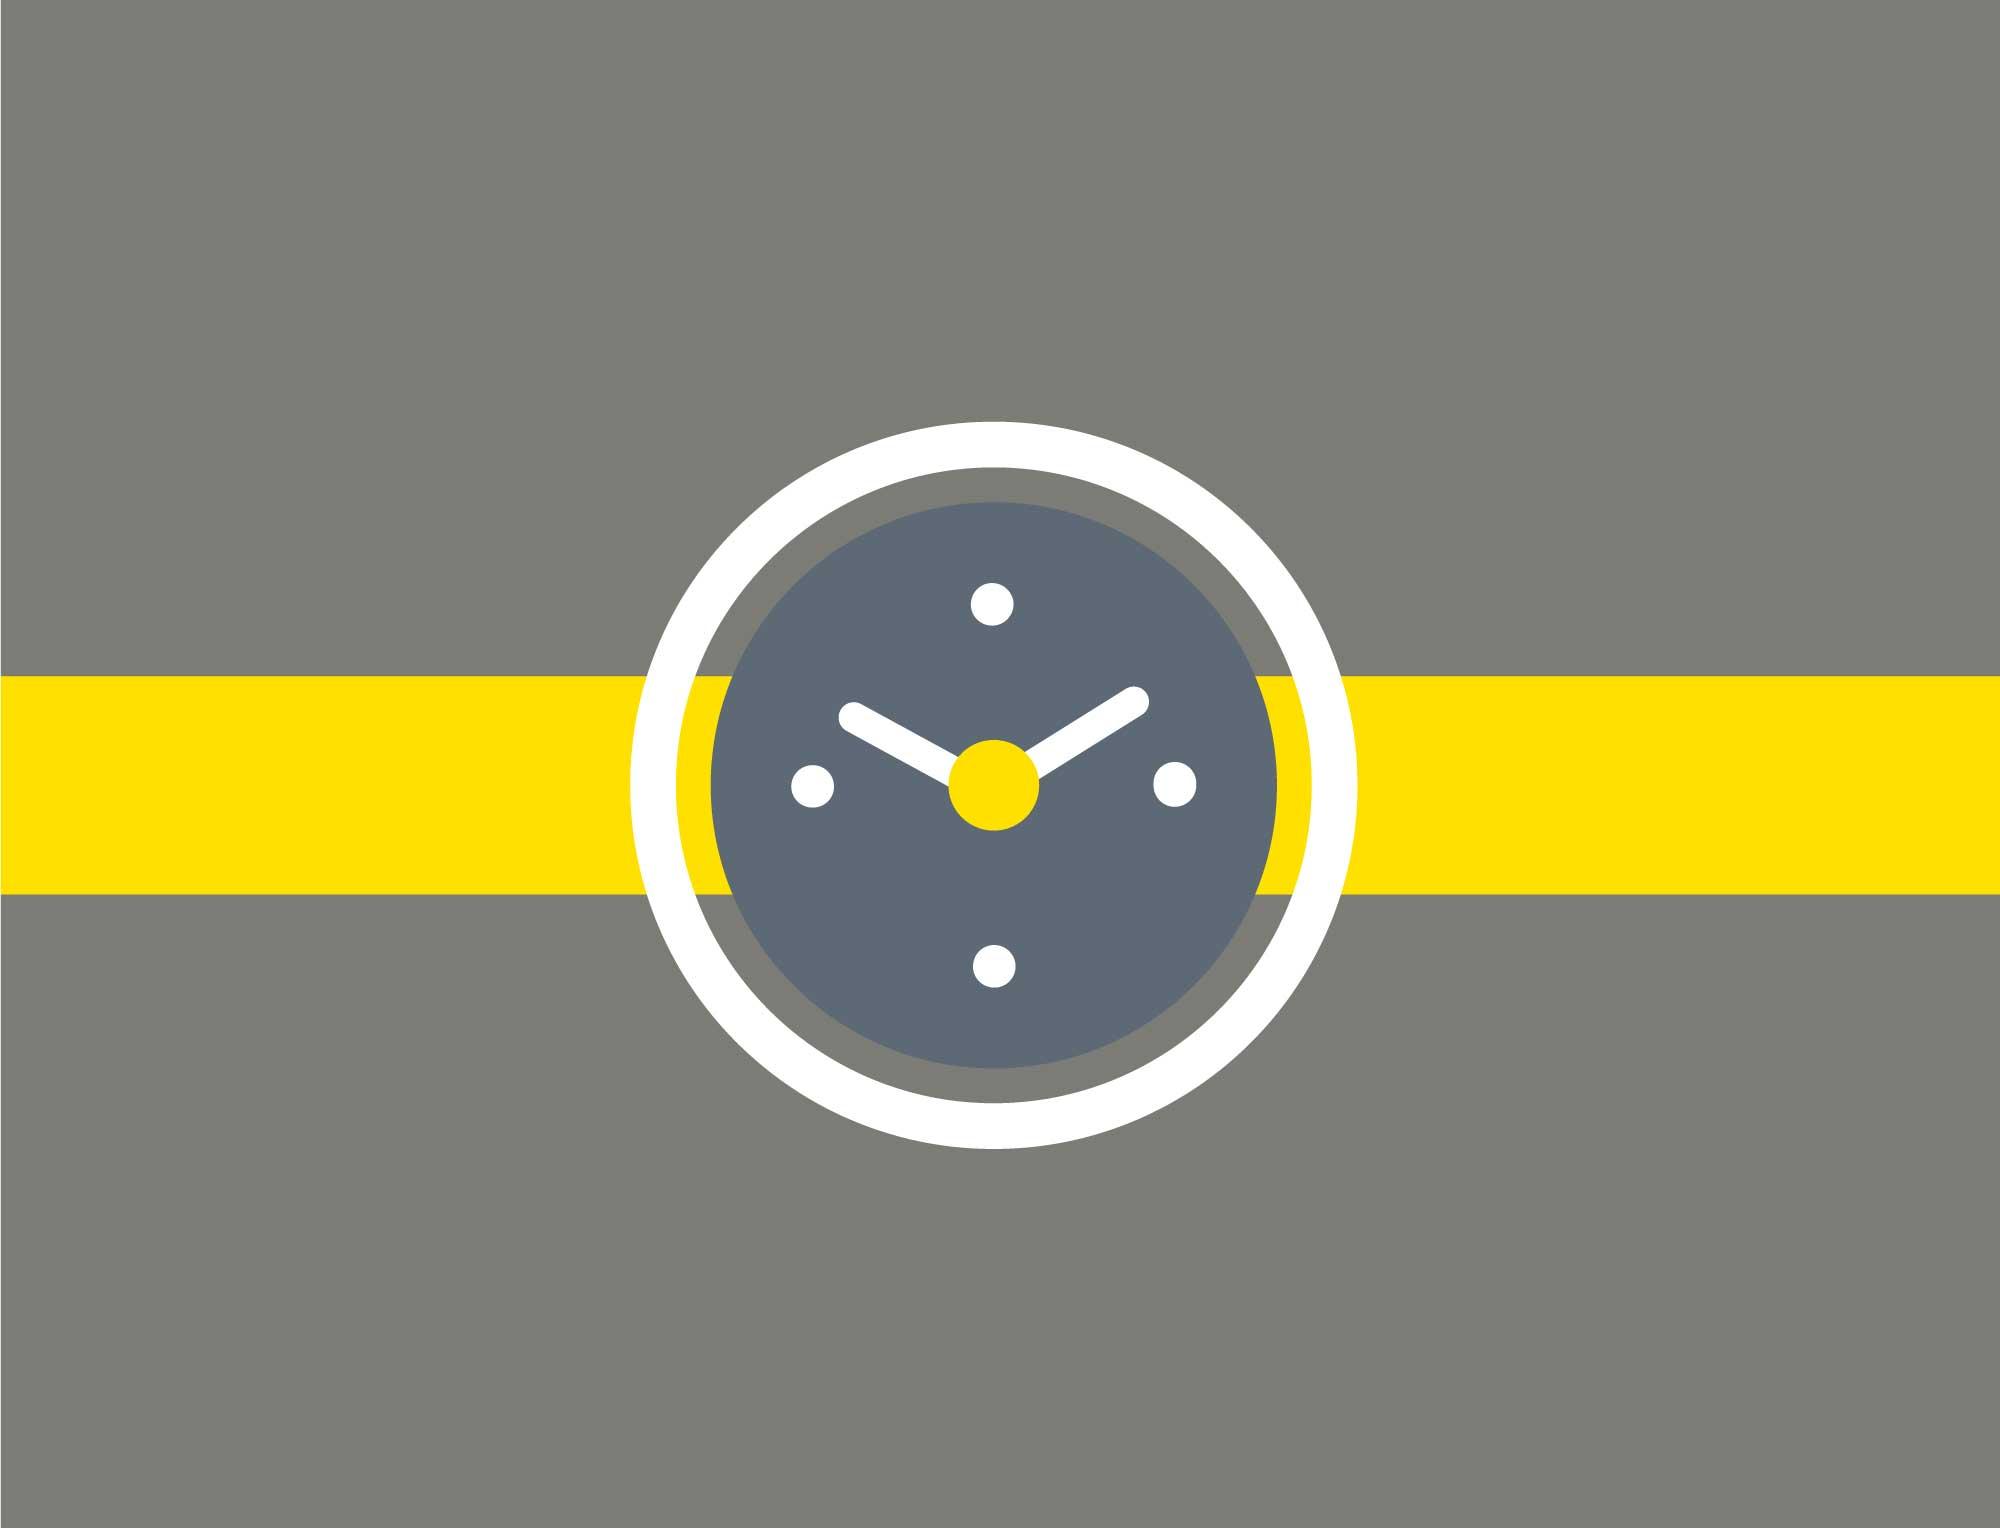 Тайм-менеджмент, правильный тайм-менеджемнт, Как научится управлять своим временем